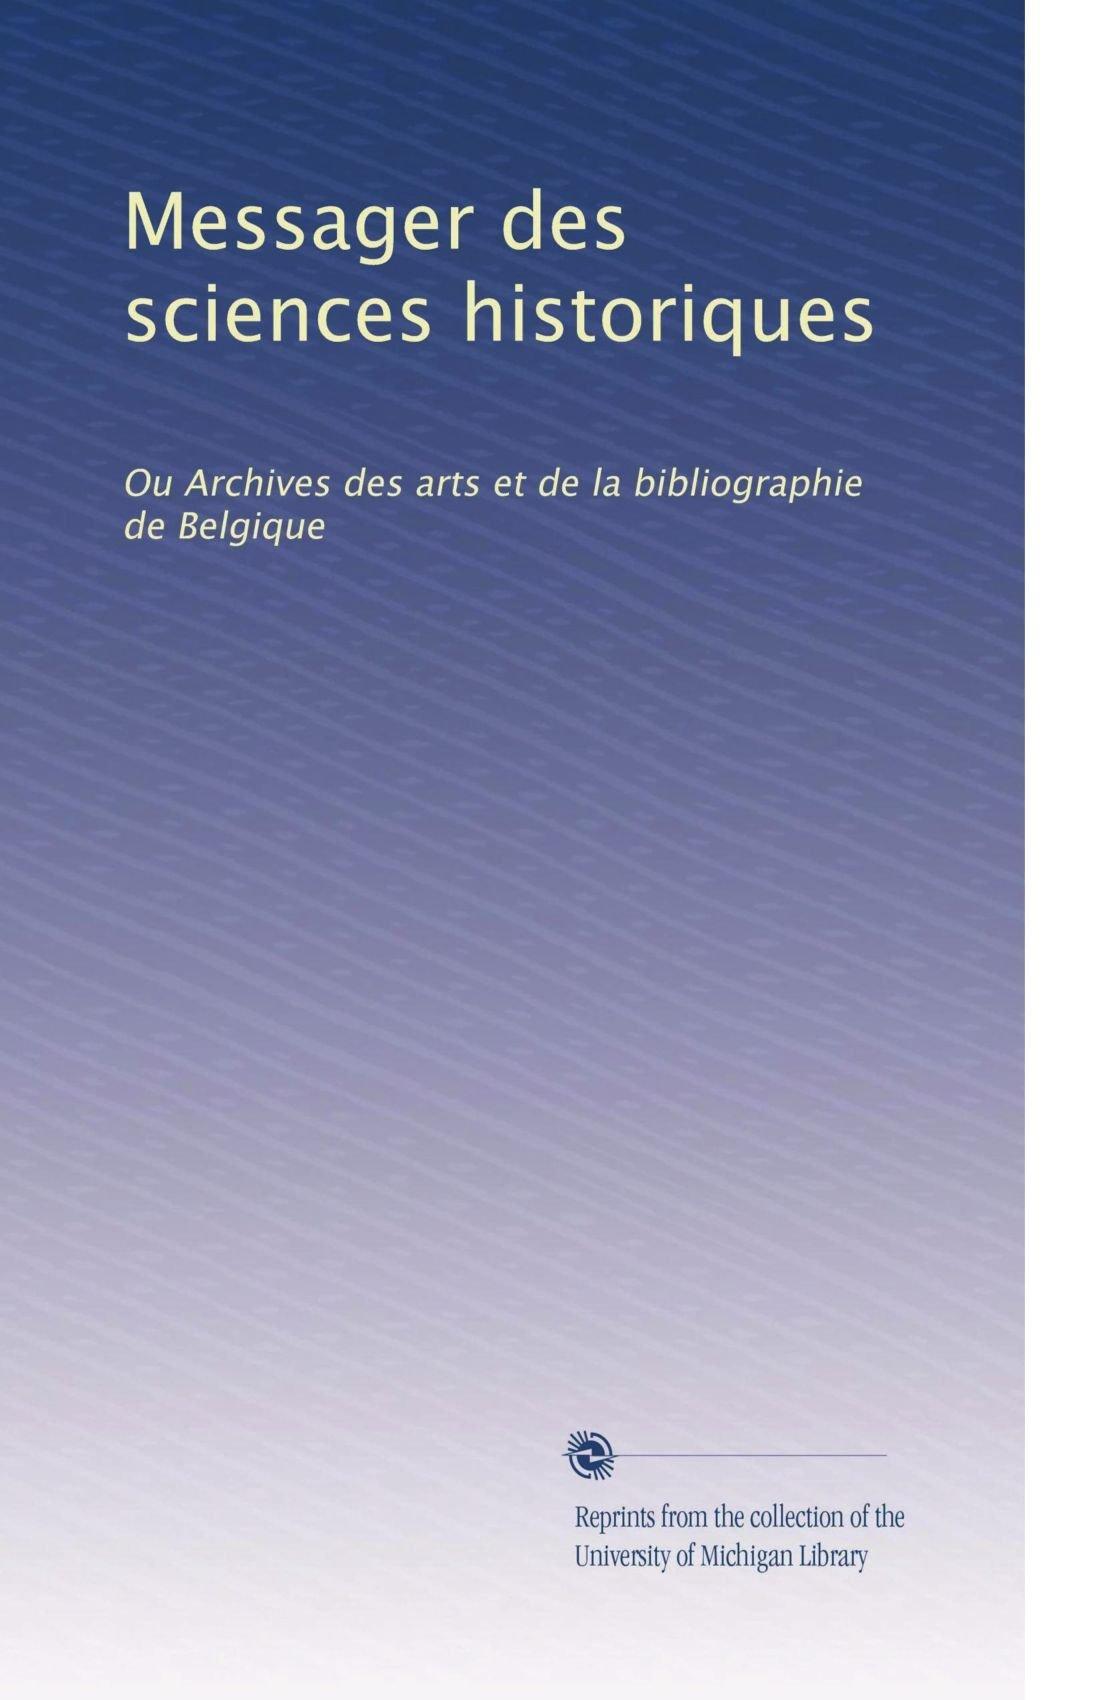 Download Messager des sciences historiques: Ou Archives des arts et de la bibliographie de Belgique (Volume 44) (French Edition) pdf